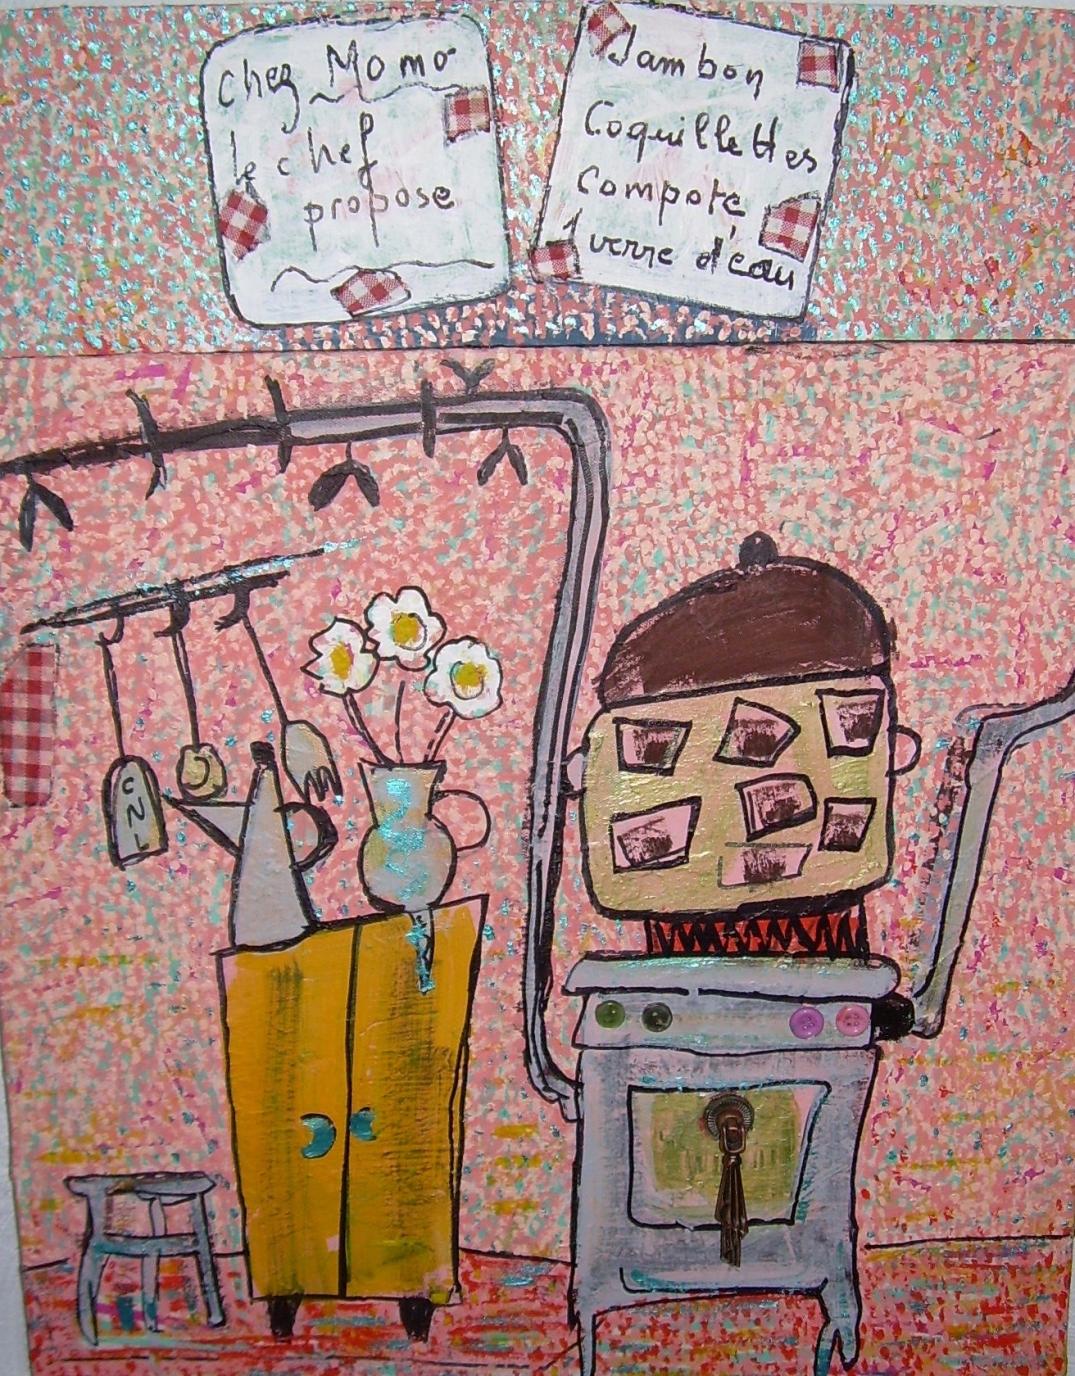 43x57cm Petit traité de cuisine selon MOMO Vendu